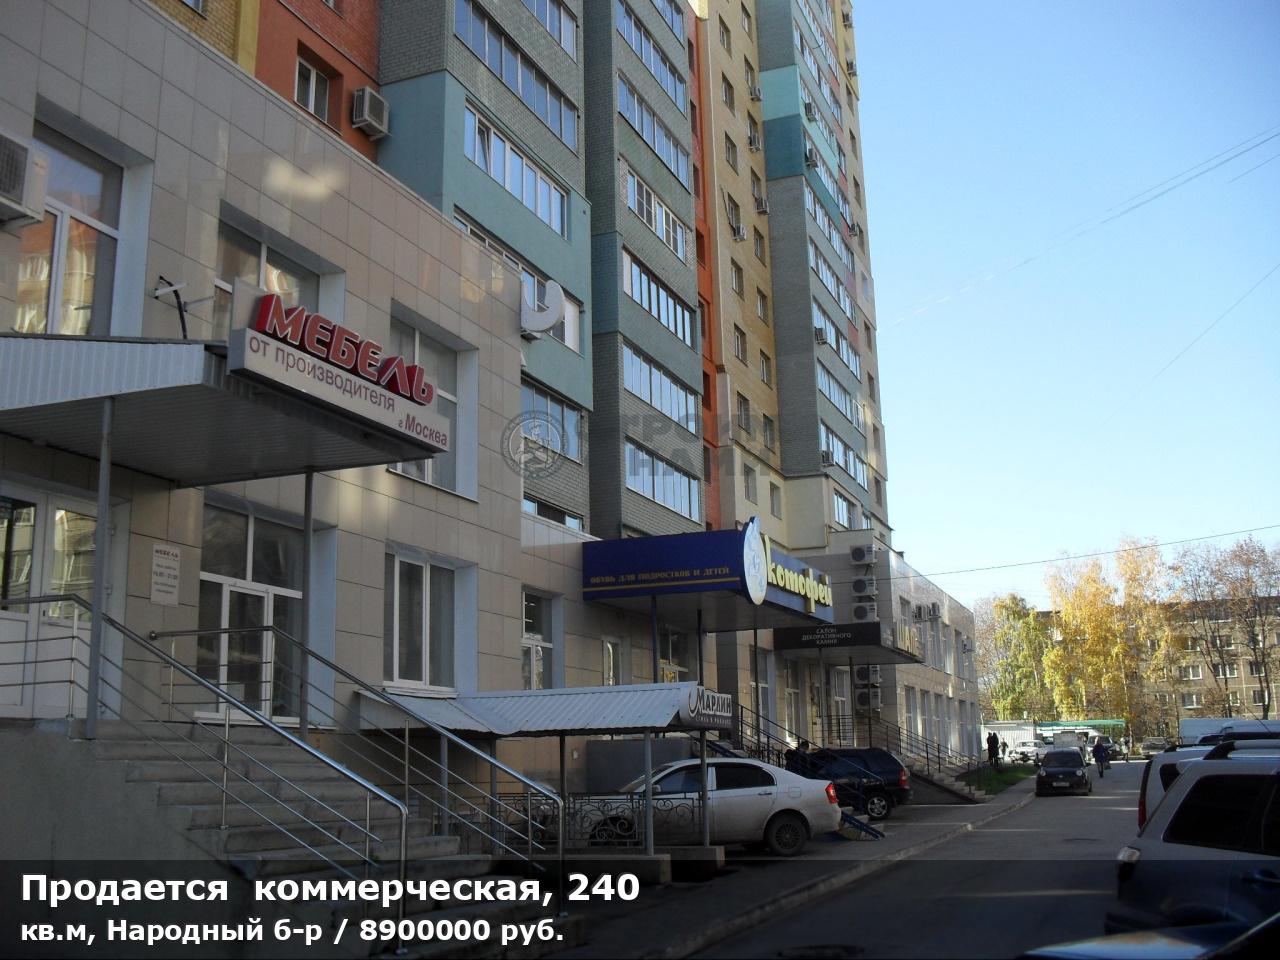 Продается  коммерческая, 240 кв.м, Народный б-р